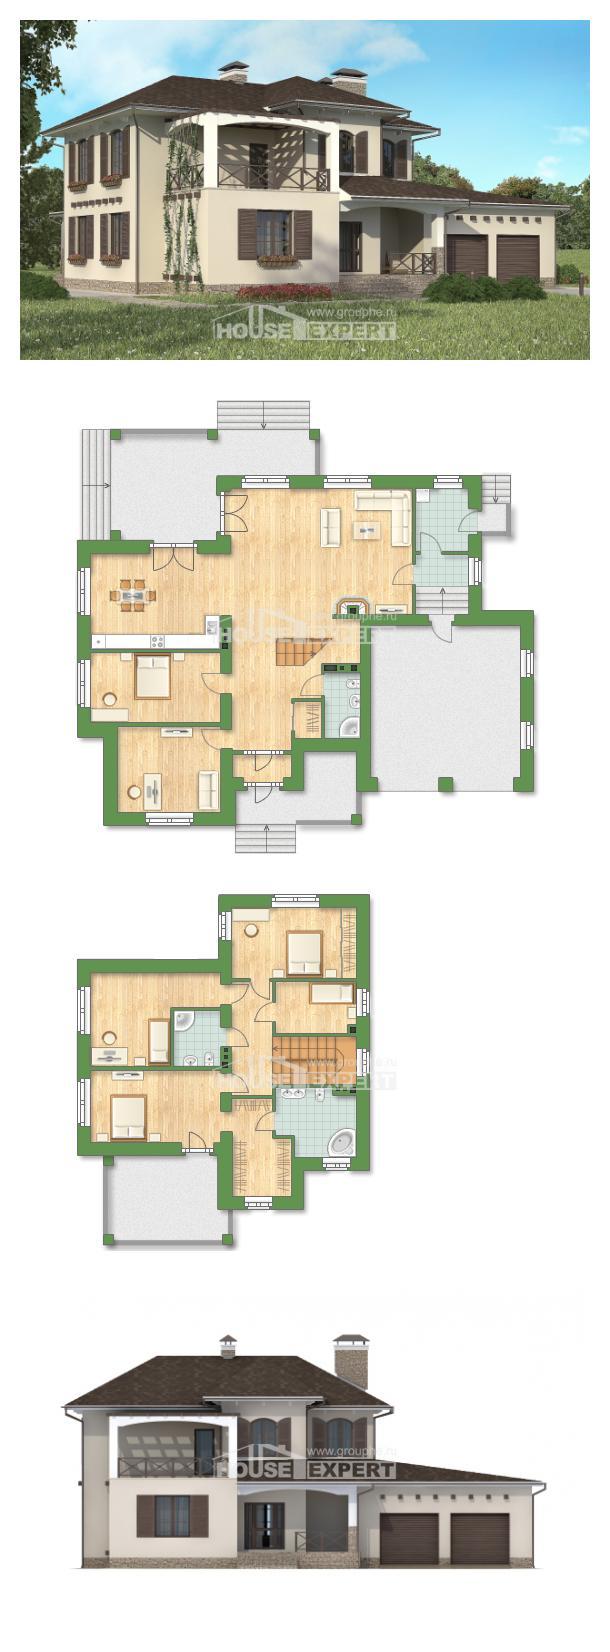 Plan 285-002-R | House Expert